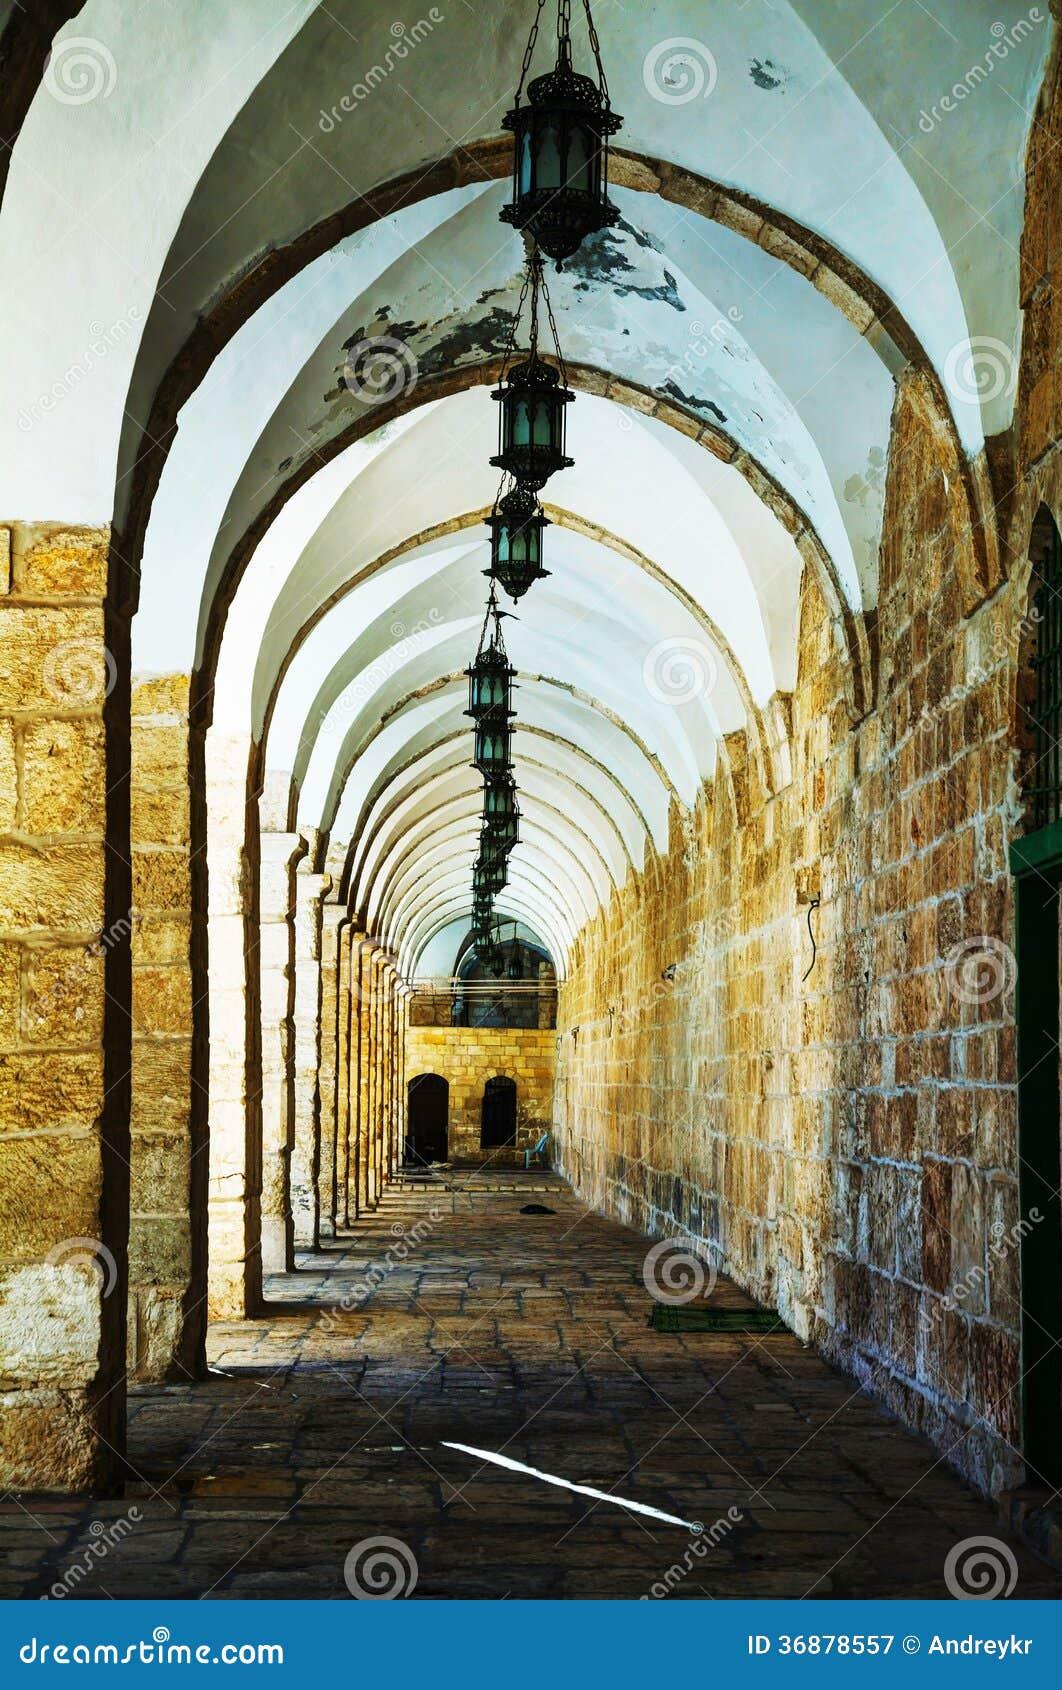 Download Arché Di Un Passaggio Al Temple Mount A Gerusalemme Immagine Stock - Immagine di passaggio, israele: 36878557